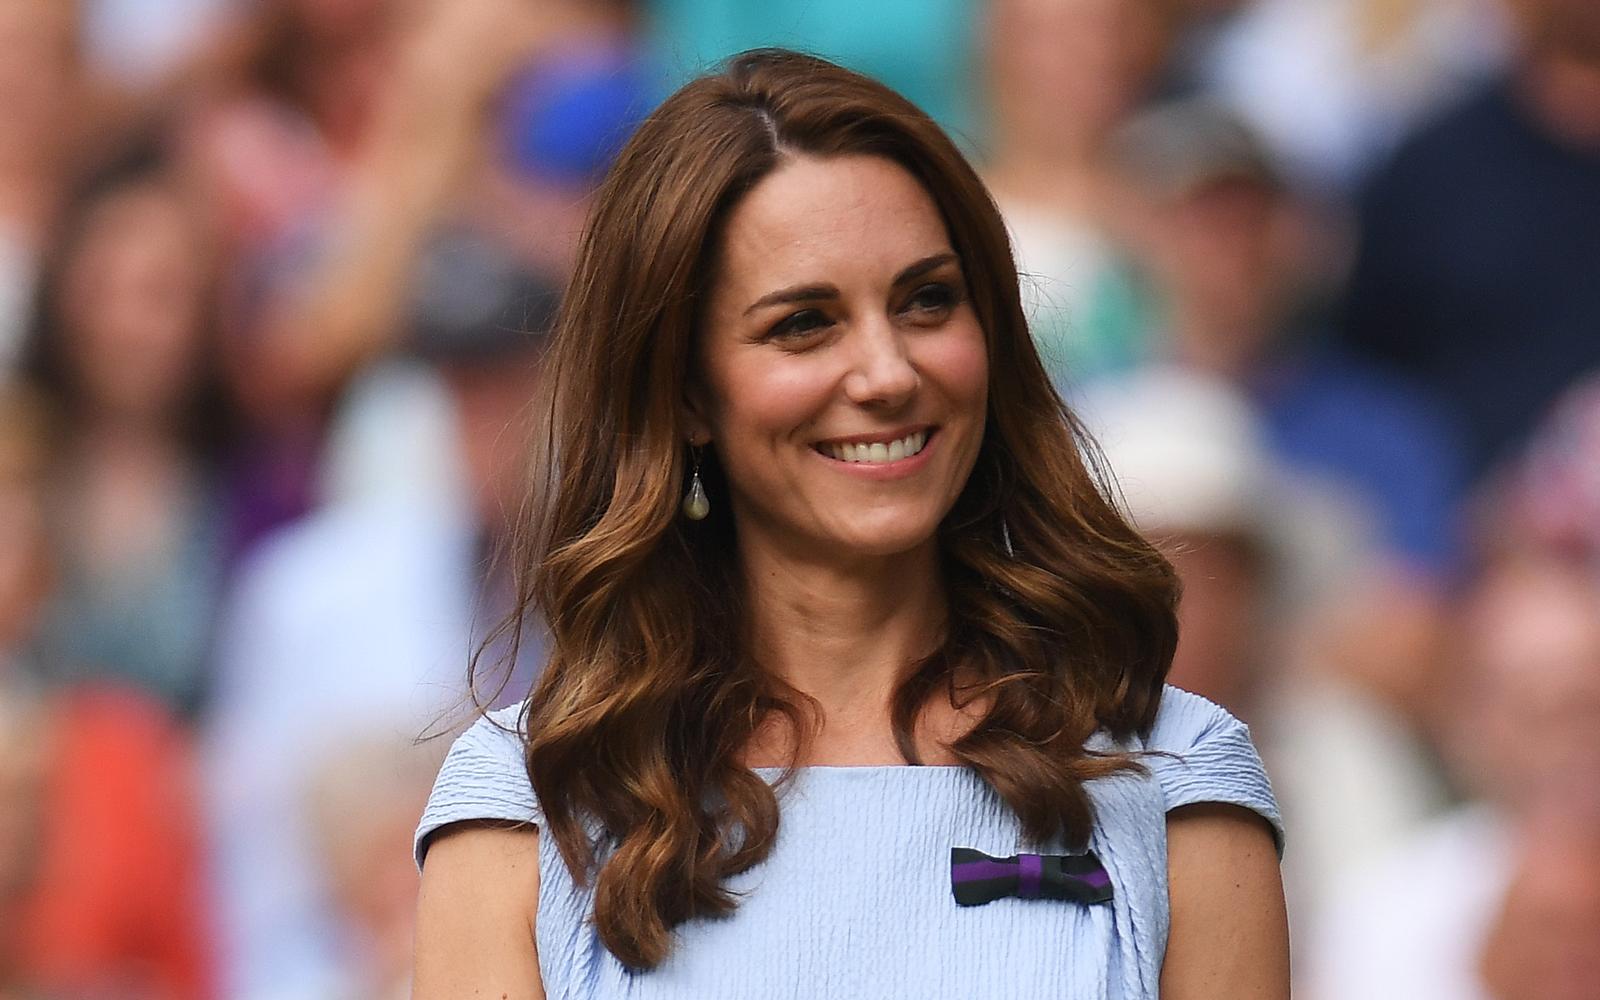 Capelli, onde morbide come Kate Middleton | Silhouette Donna